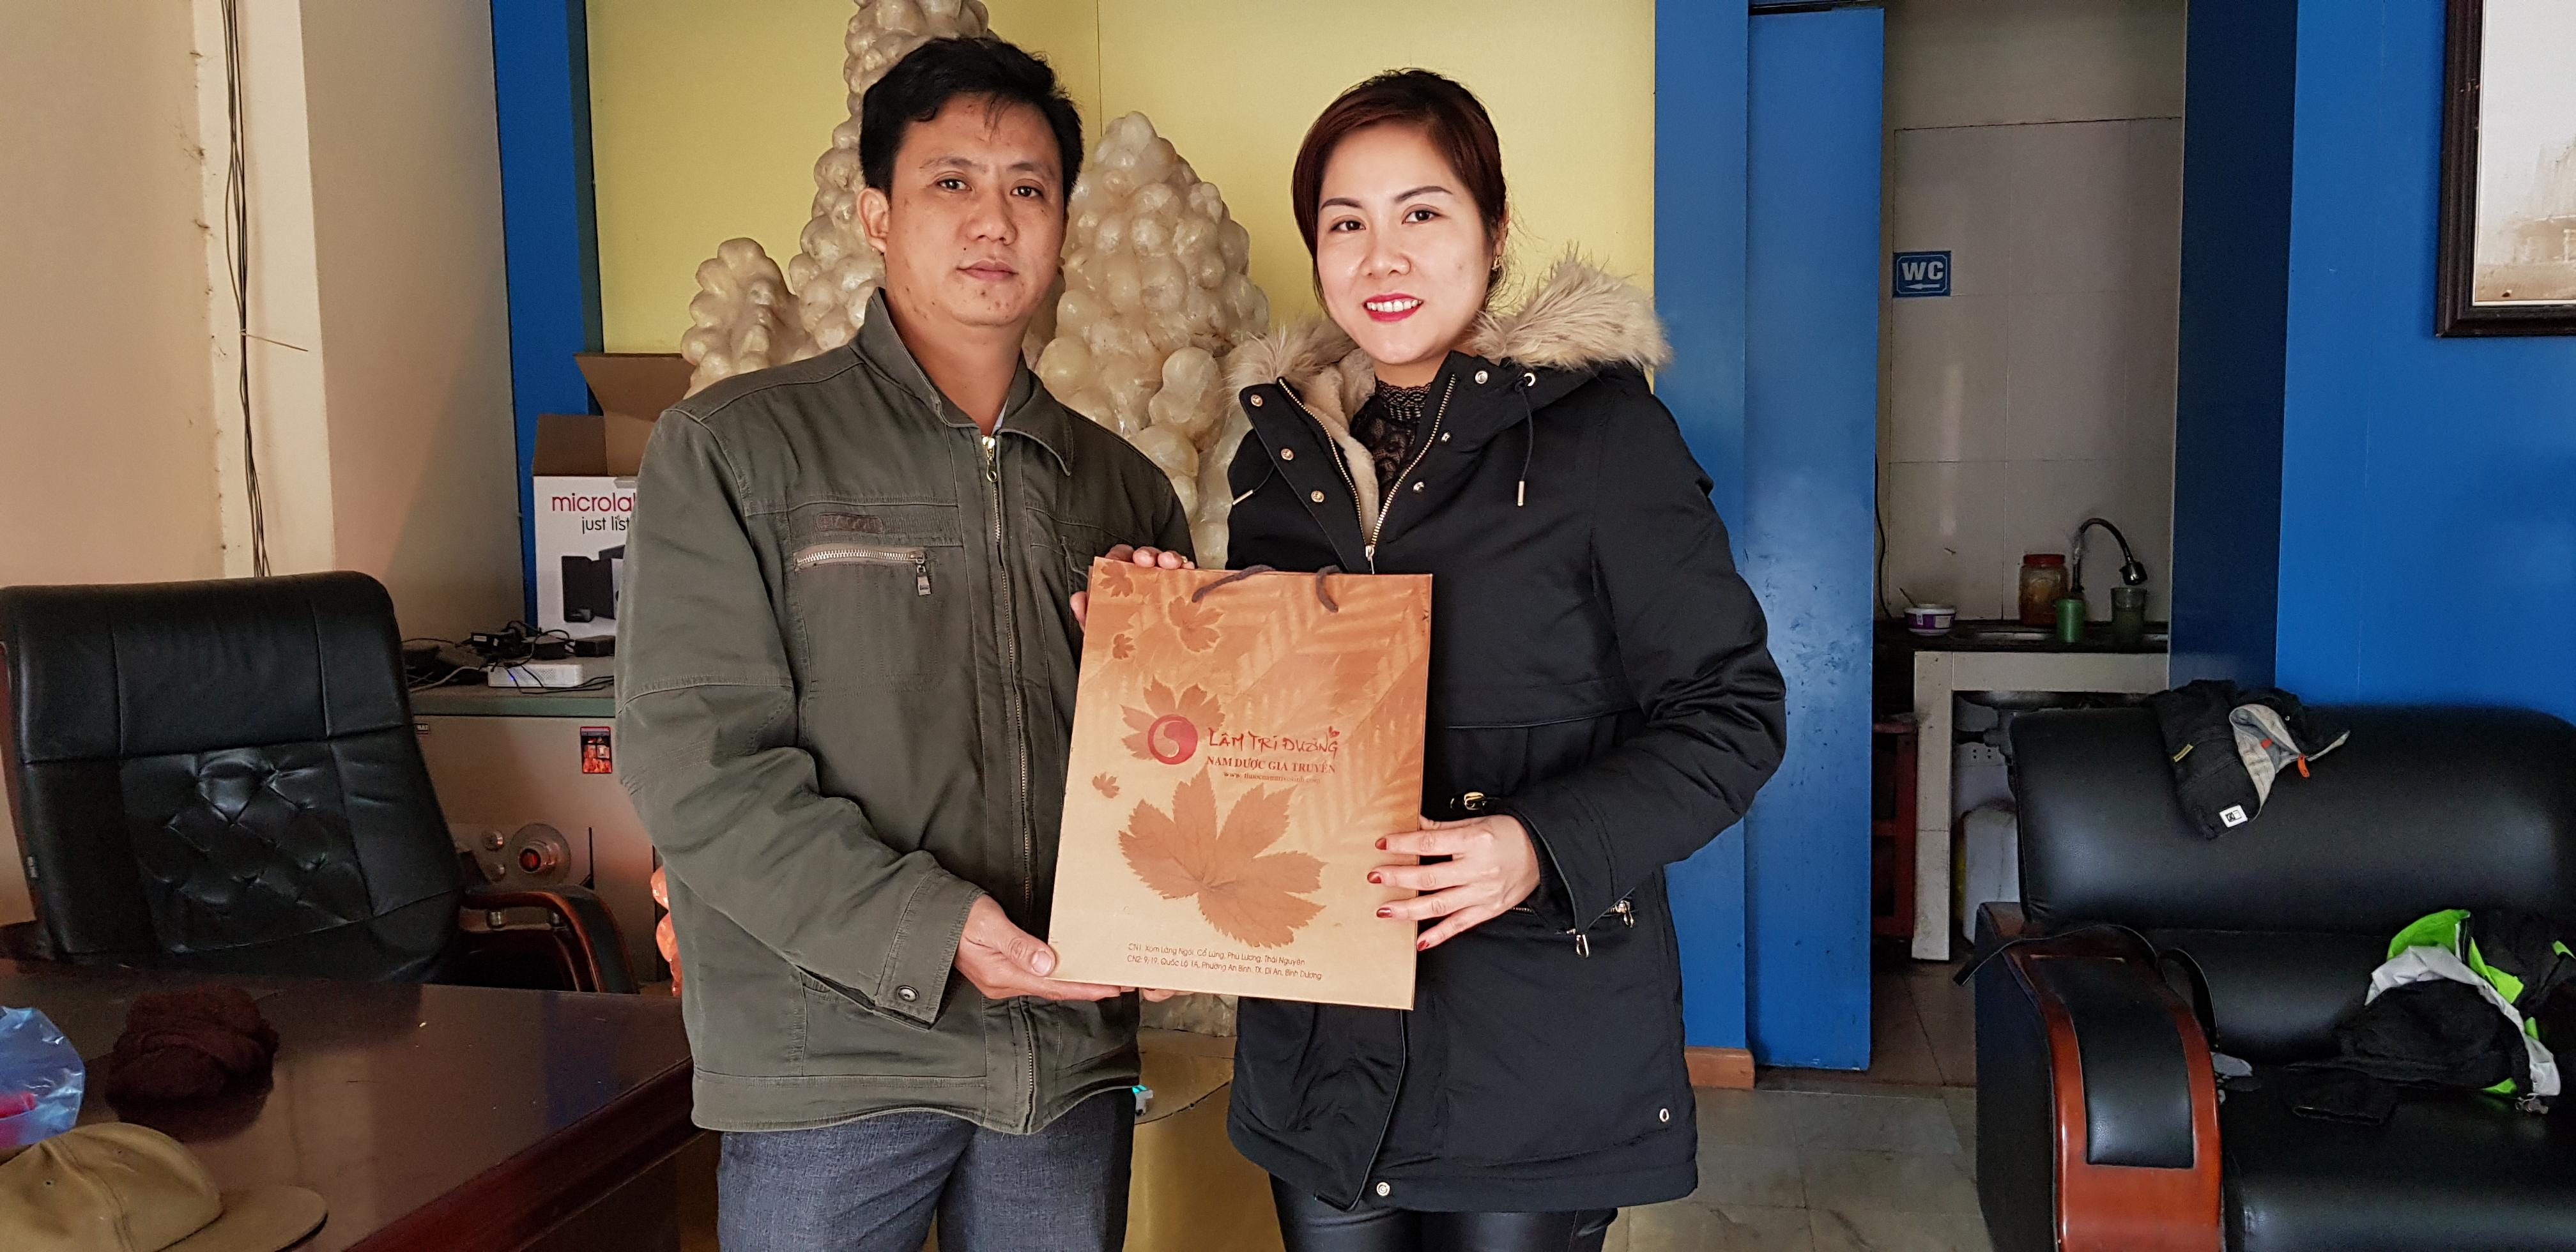 20180129 114100 - Chia Sẻ Của Chị Quyên Ở Hà Nội Về Quá Trình Chữa Động Thai Của Mình